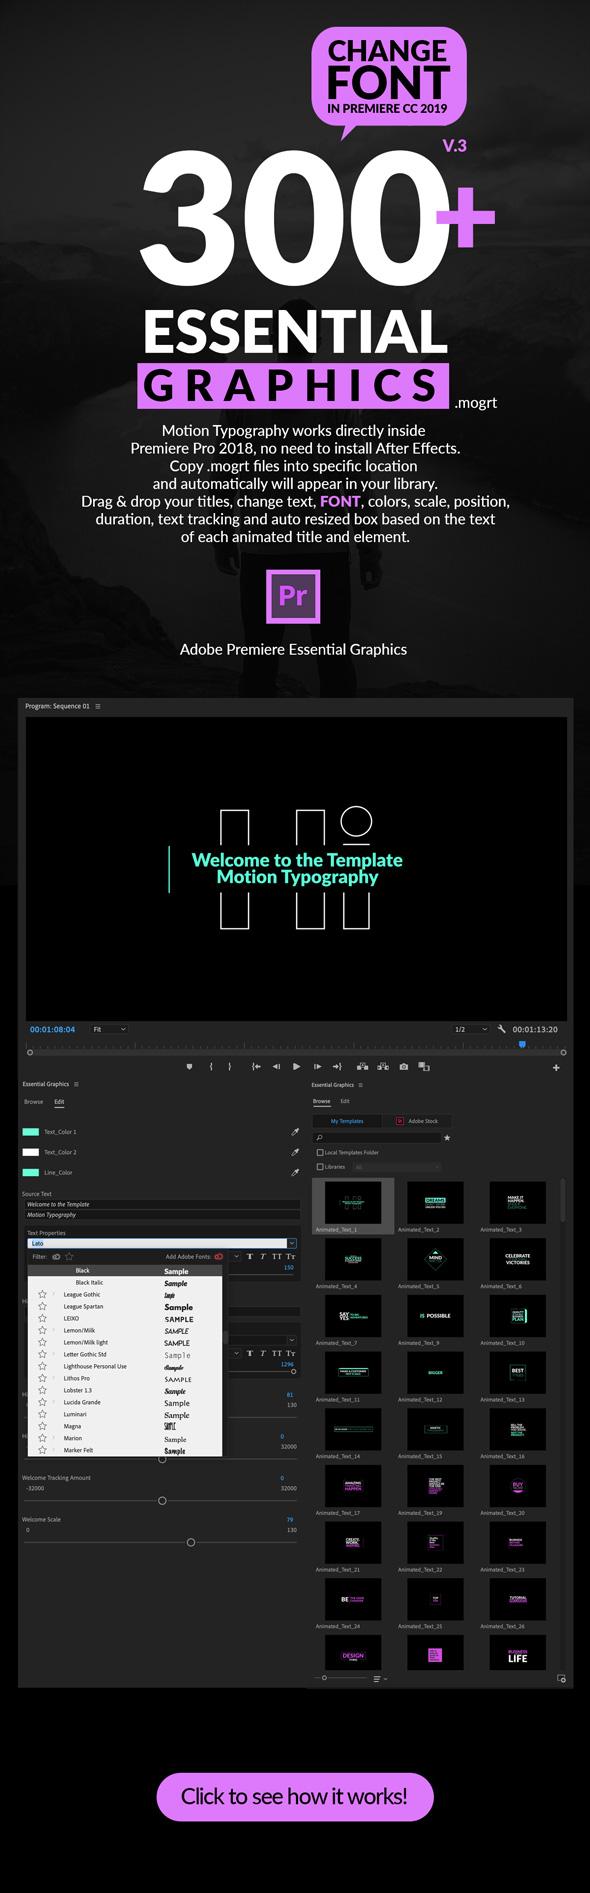 《AE/PR模板:Videohive Motion Typography v5 500+运动图形文字排版动画+PremiumBuilder扩展脚本+.Mogrt》